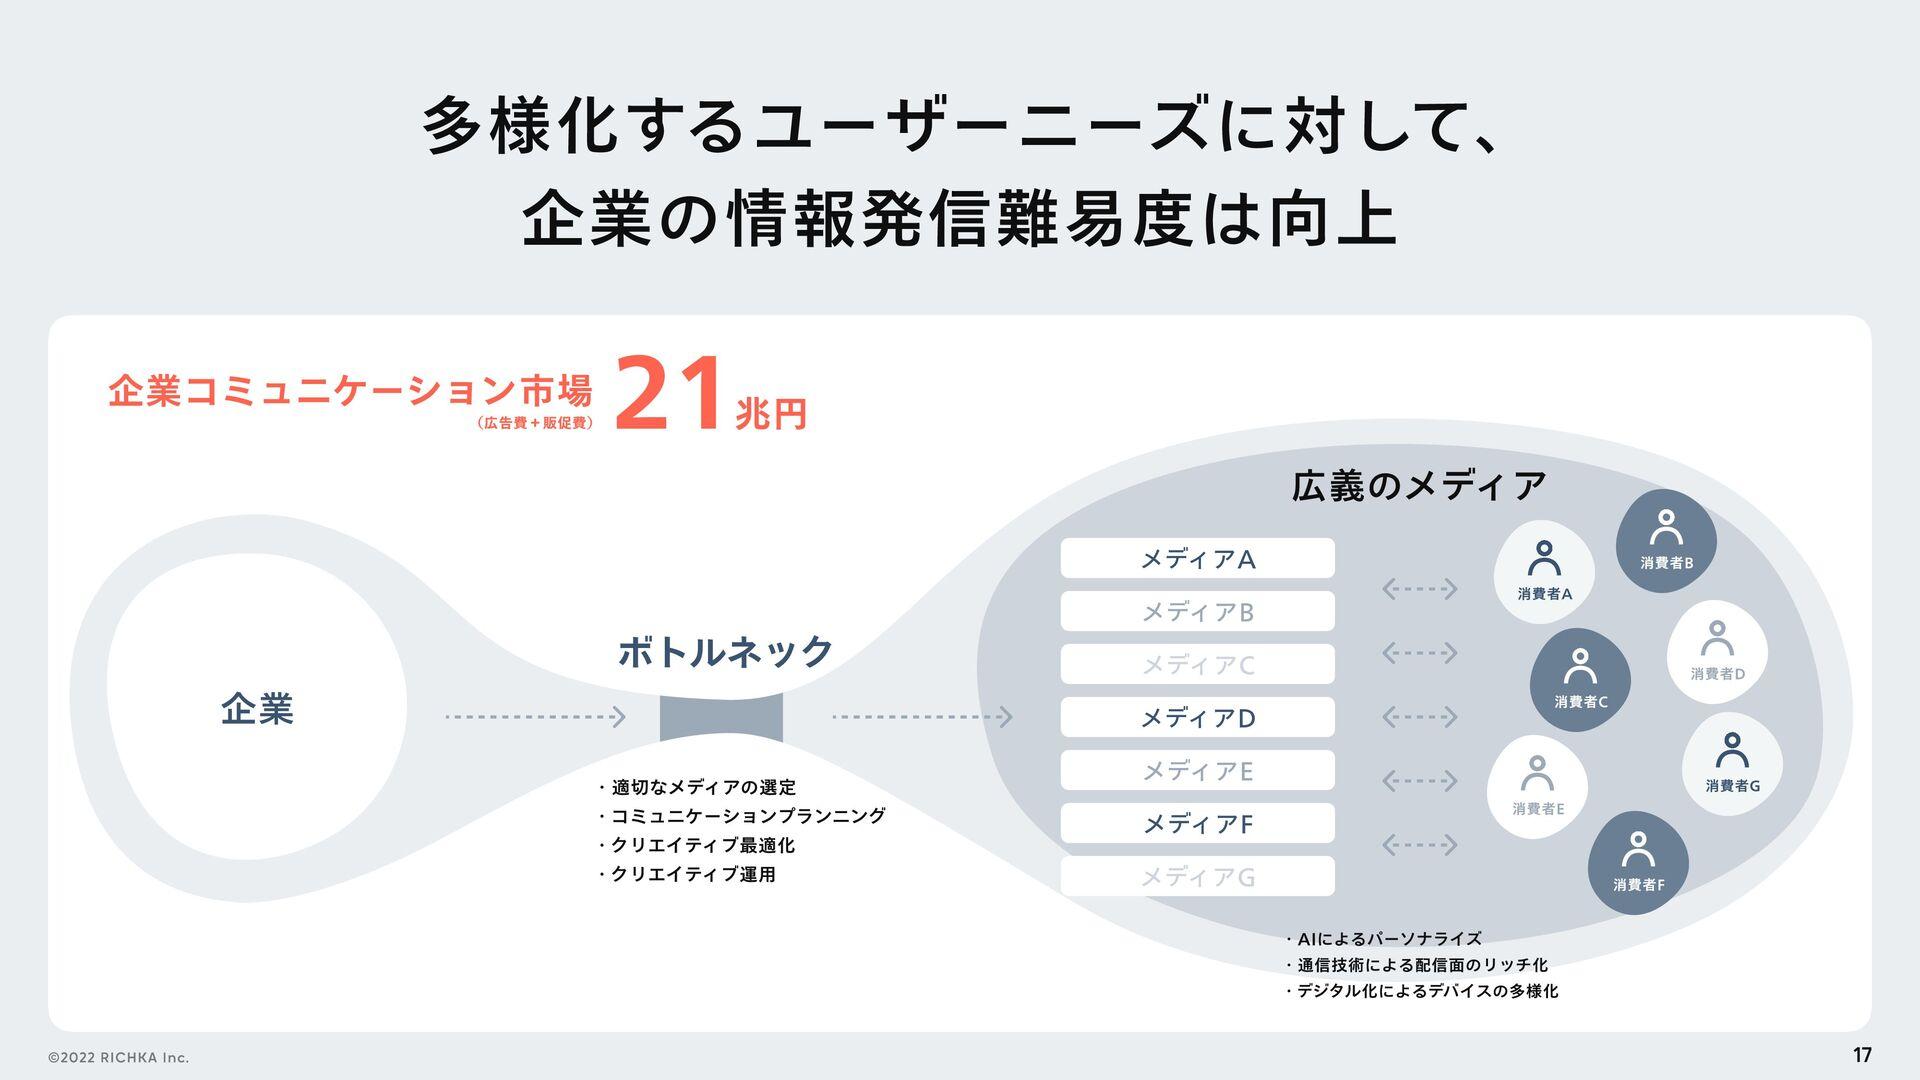 松尾 幸治 新卒で「⽇本の社⻑.tv」を運営する 株式会社ディーノシステムに参画。 取締役運営...